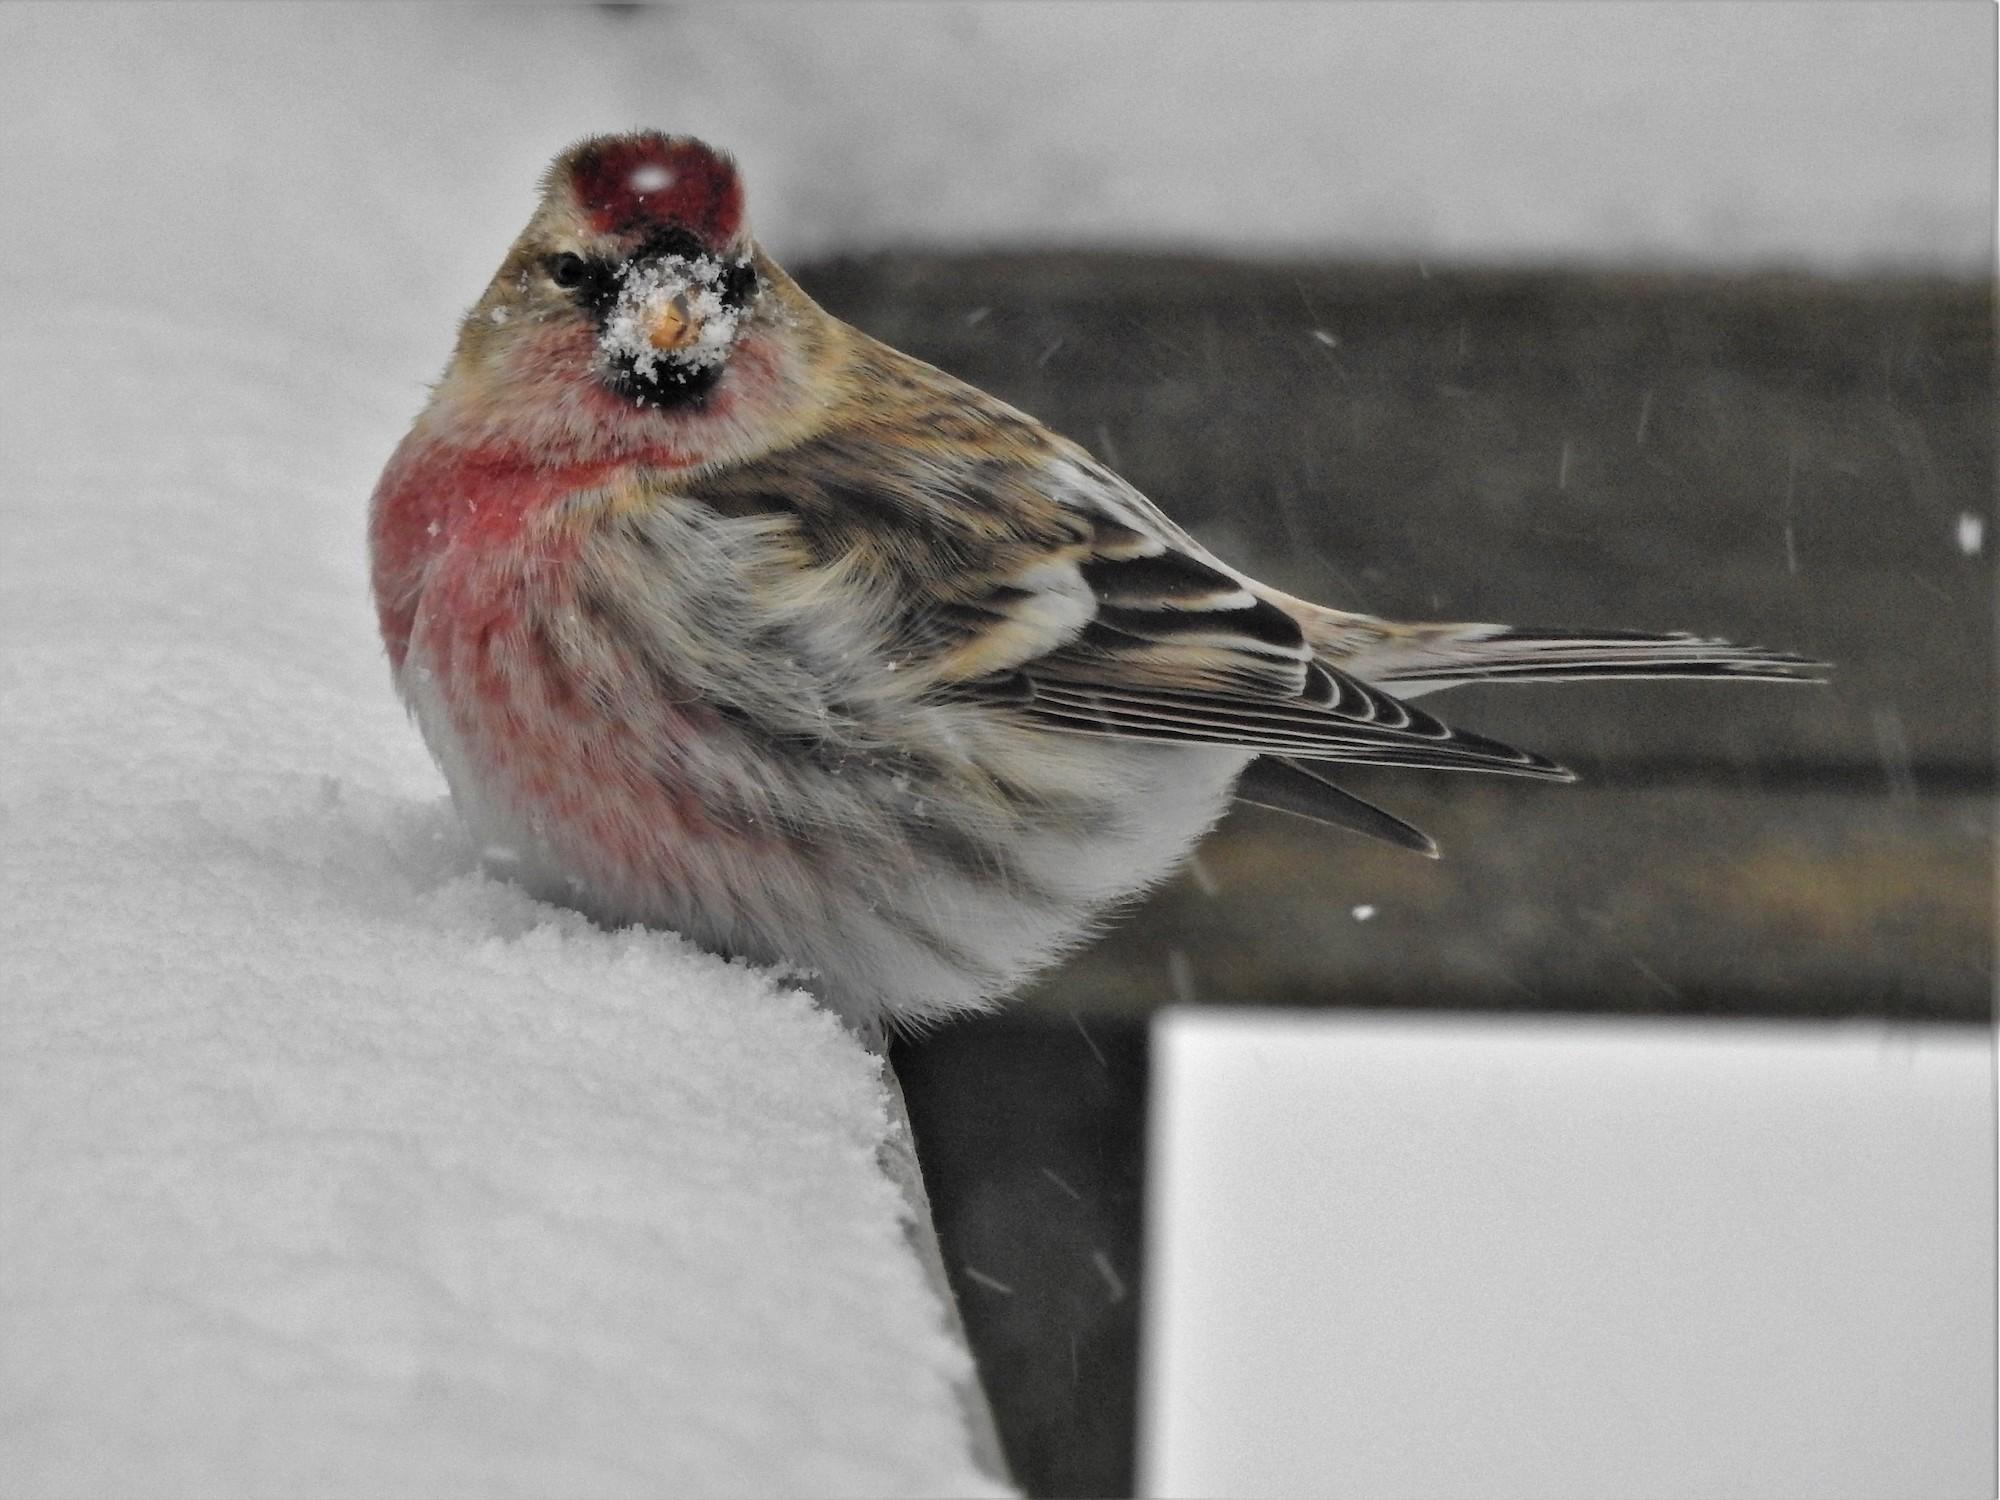 birds keep warm